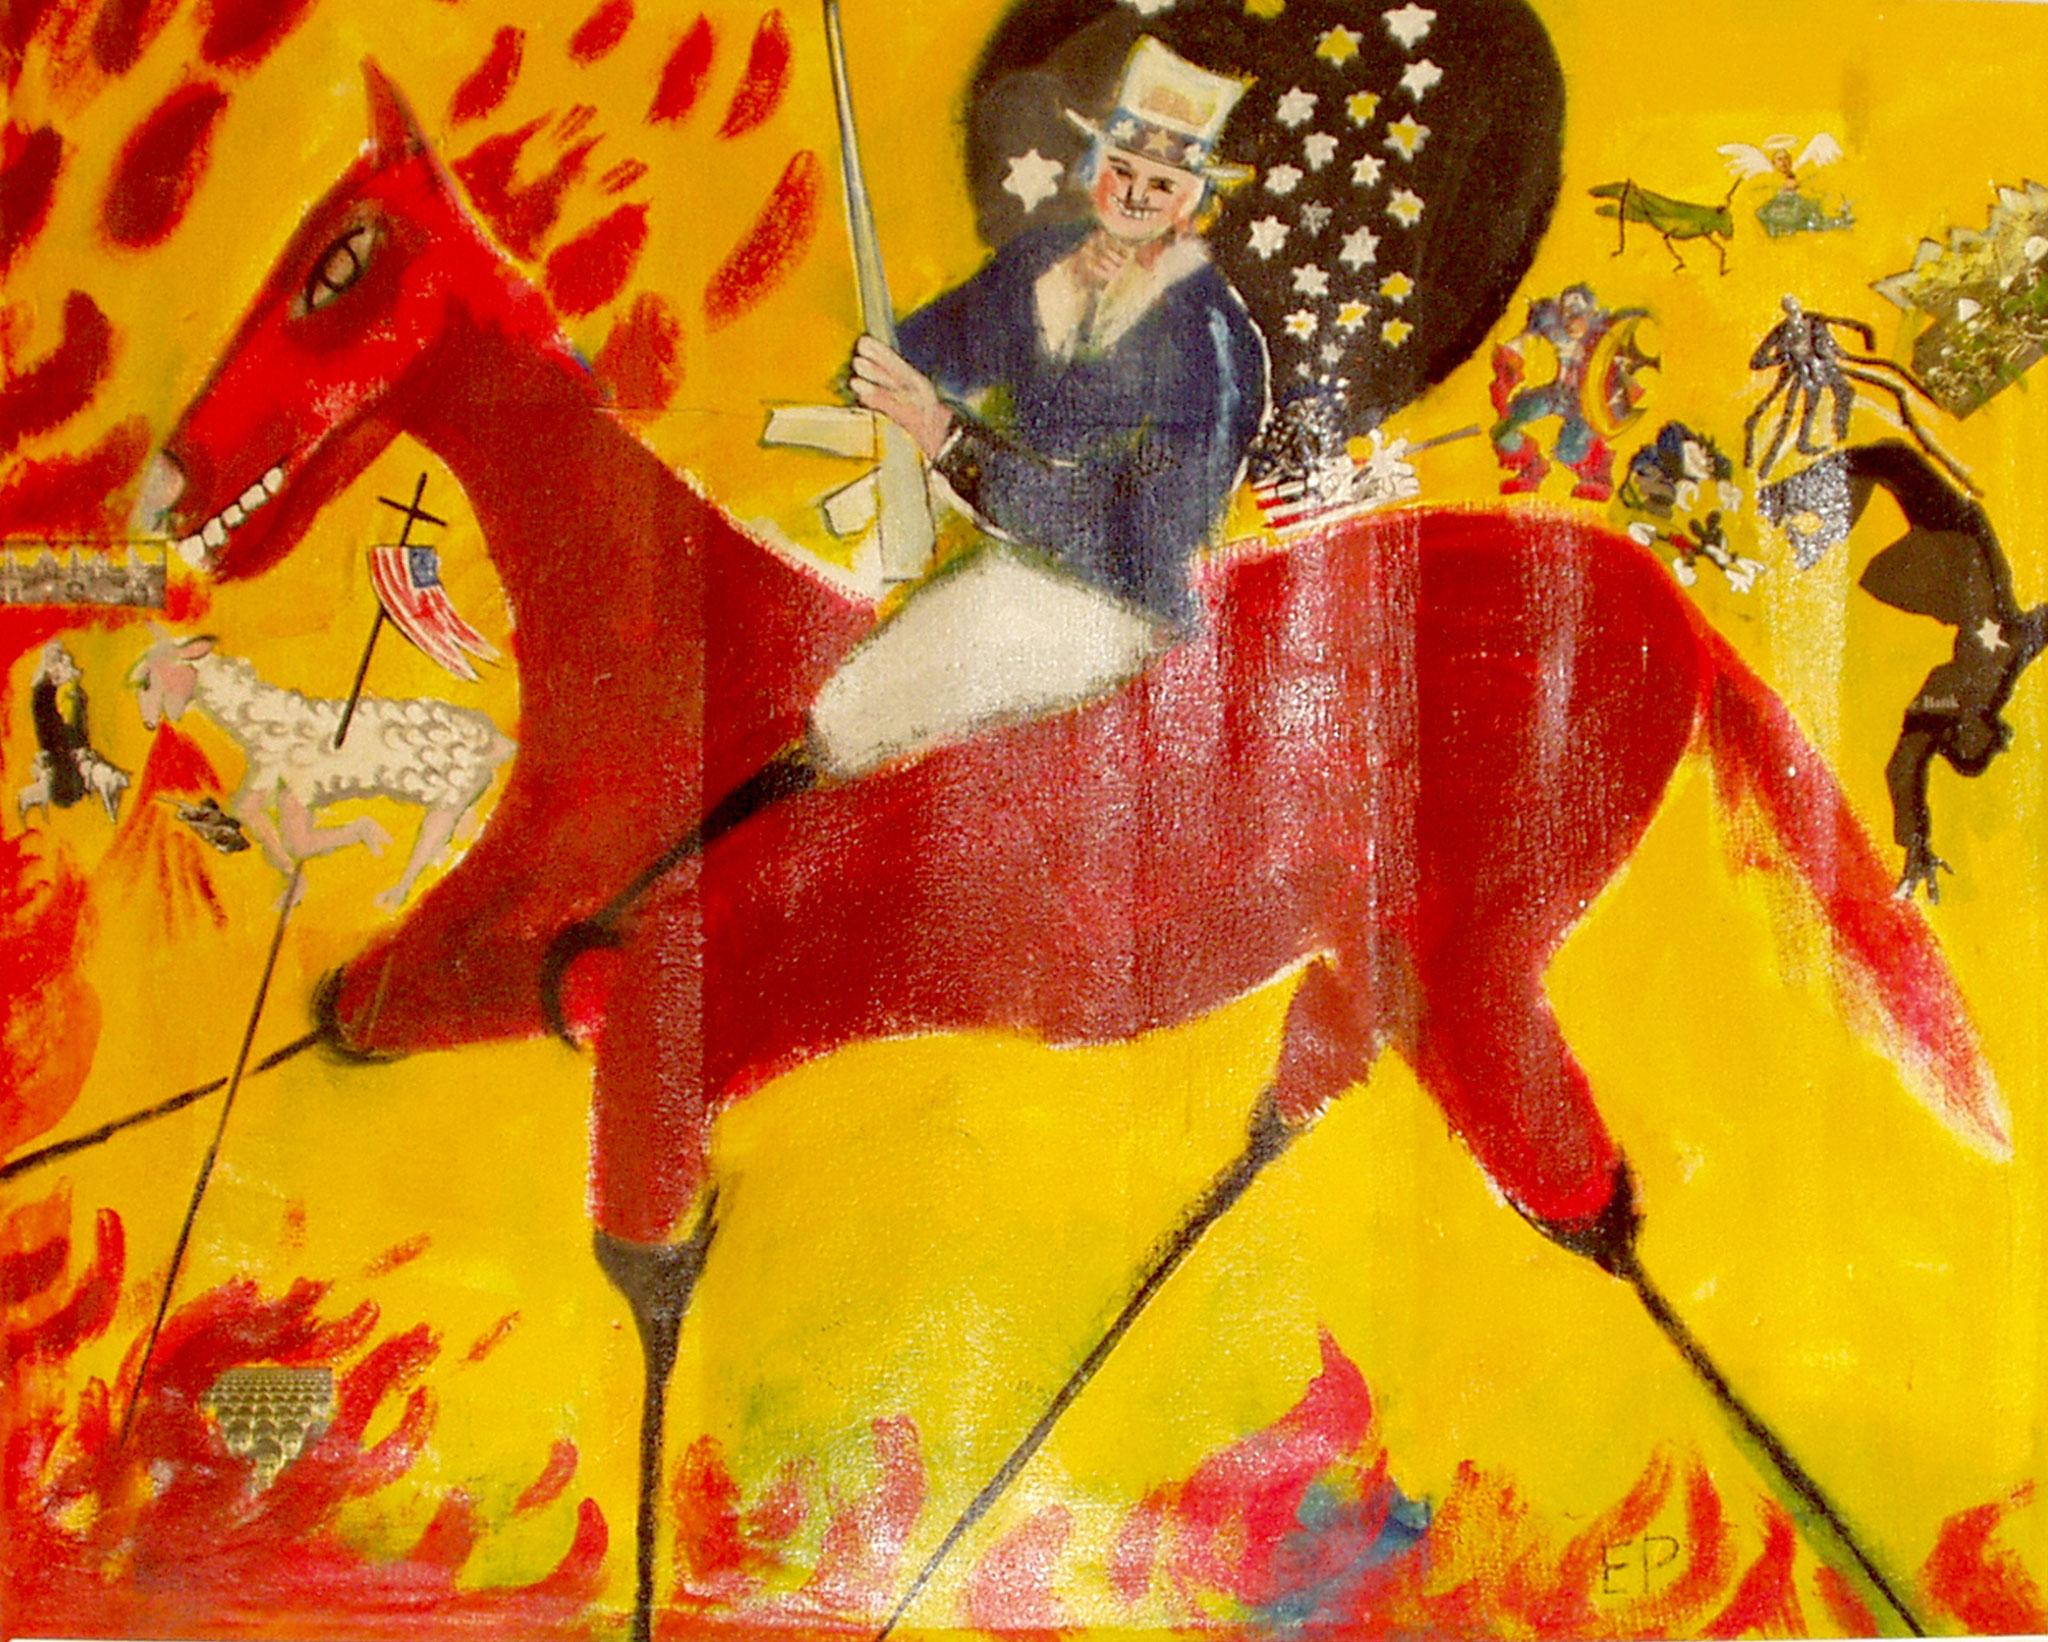 Serie Apokalyptische Reiter, Uncle Sam, Malerei Collageelemente, 145 x 180 cm, 2002